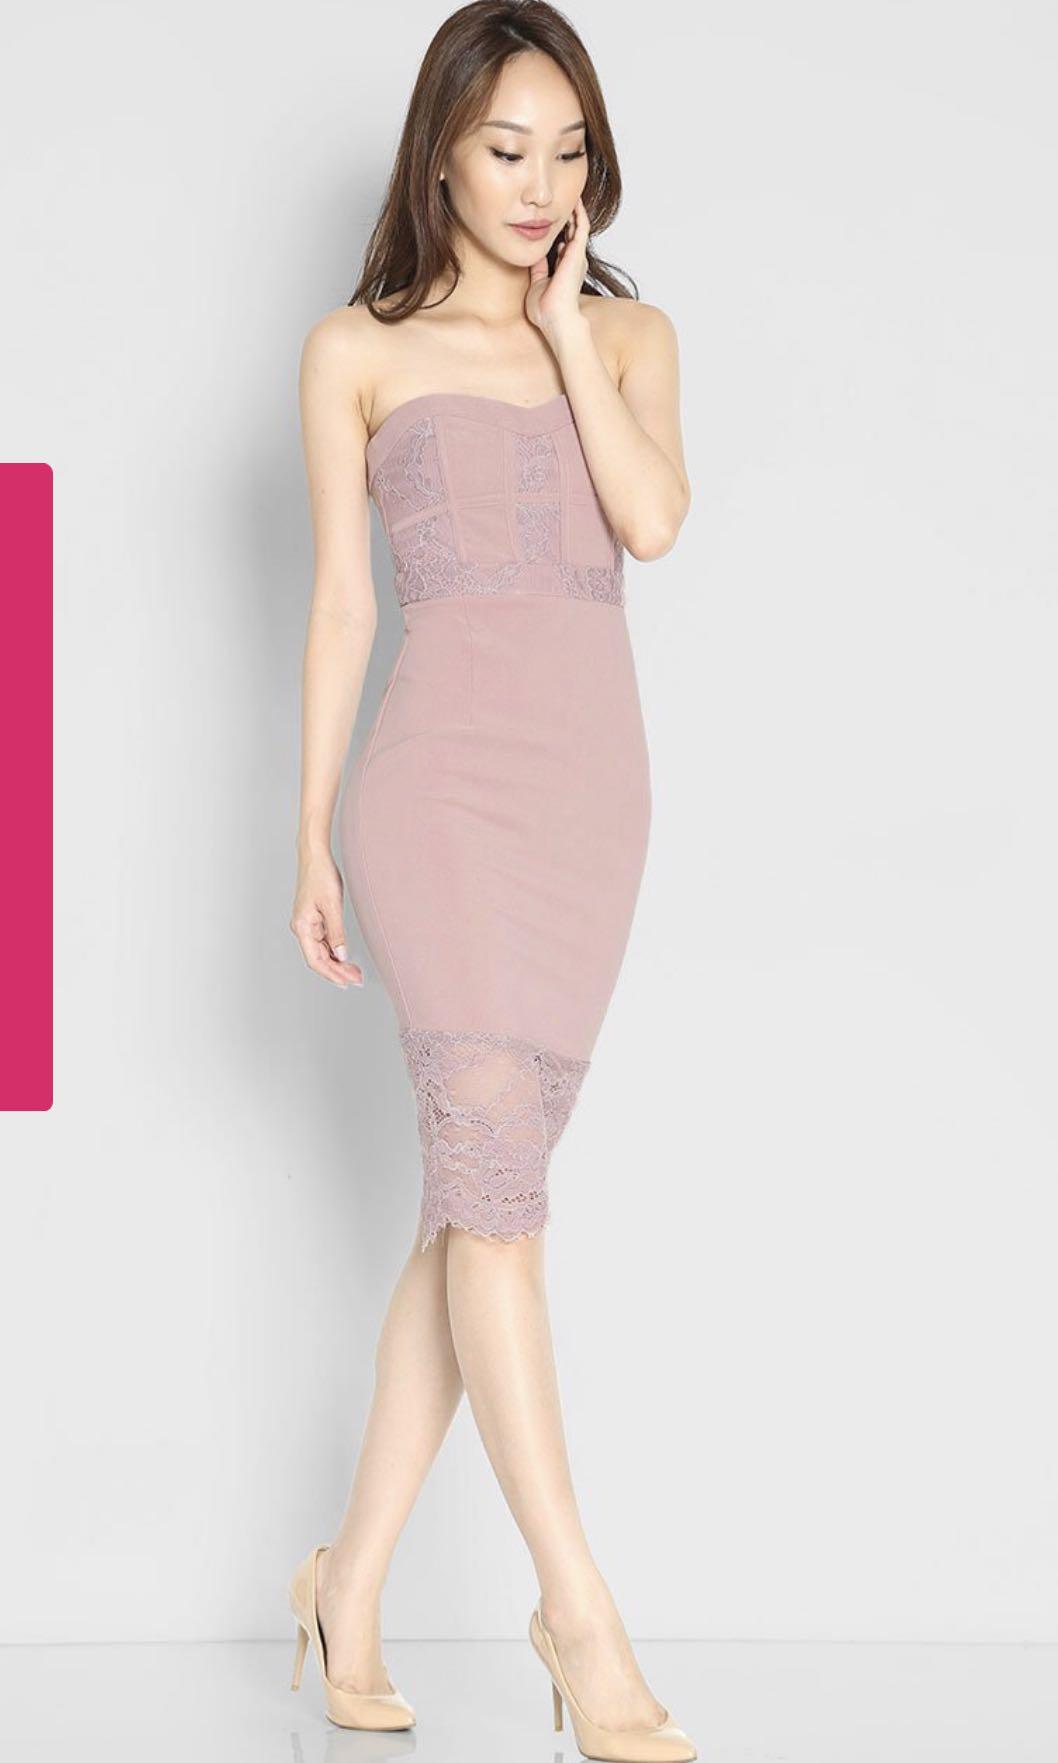 55addd7f0 Lara J FLEUR AMBERLY DRESS in XS, Women's Fashion, Clothes, Dresses ...